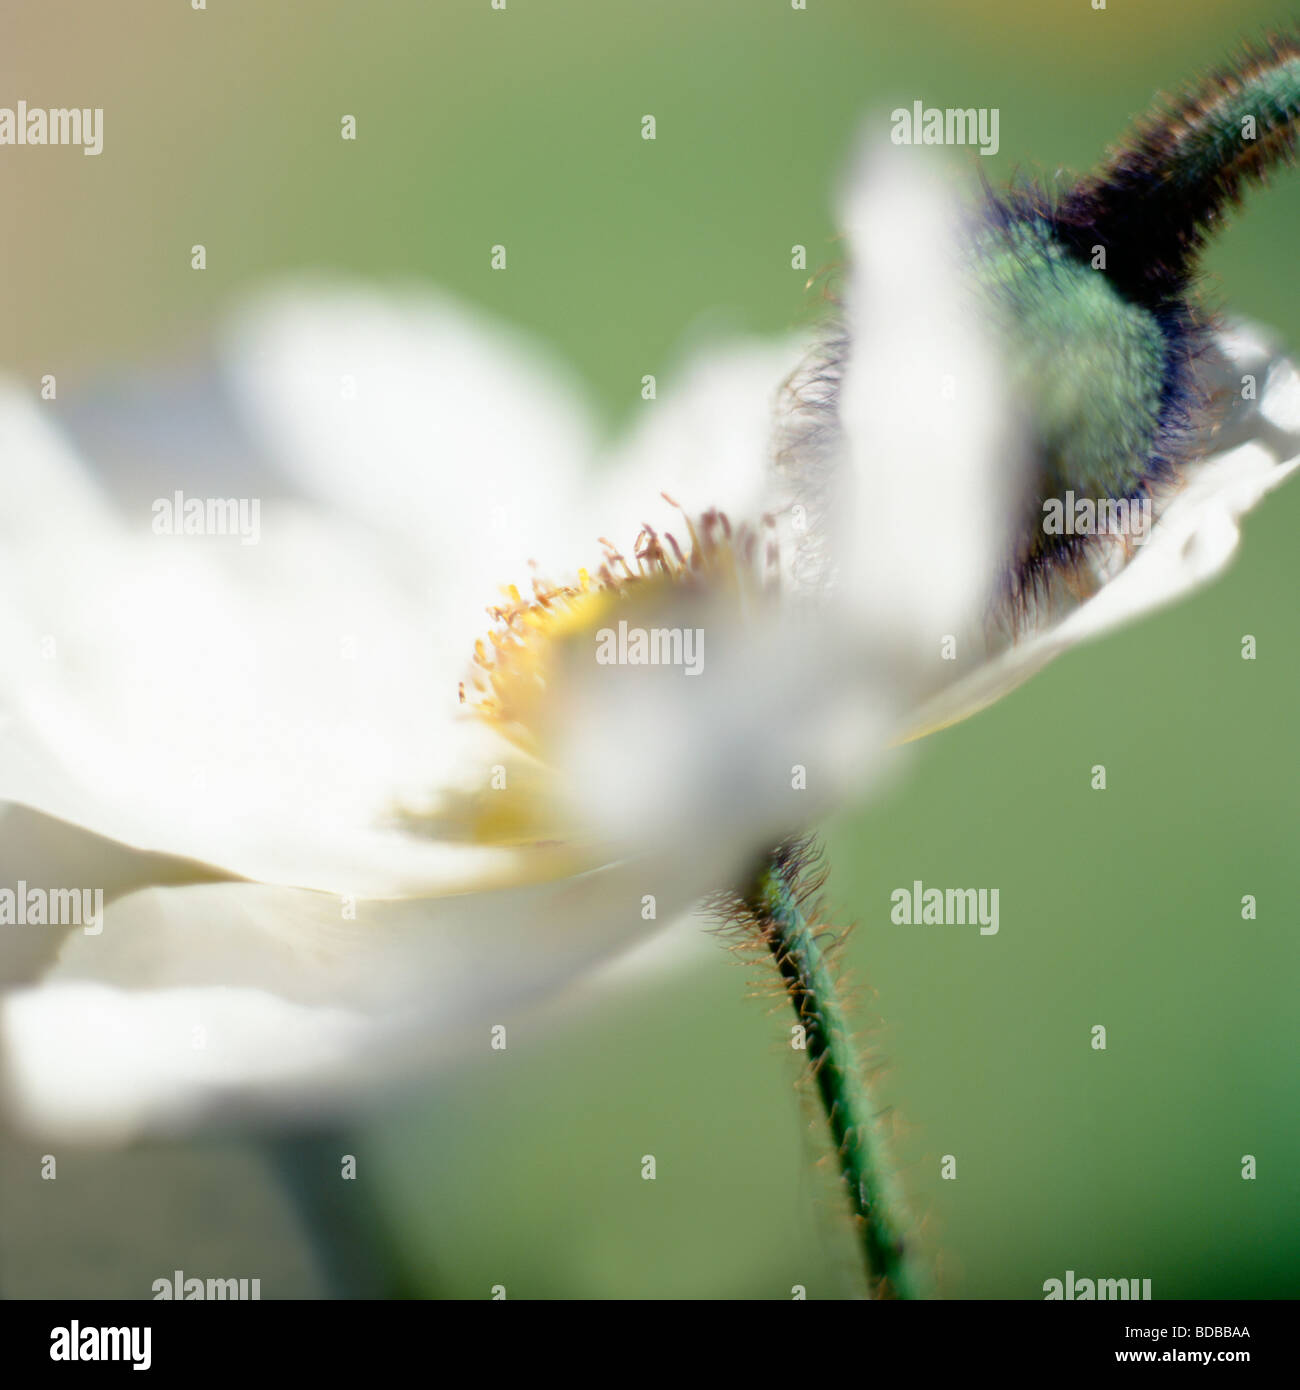 Blanco y pod de amapola belleza en la naturaleza, la fotografía artística Jane Ann Butler Fotografía Imagen De Stock